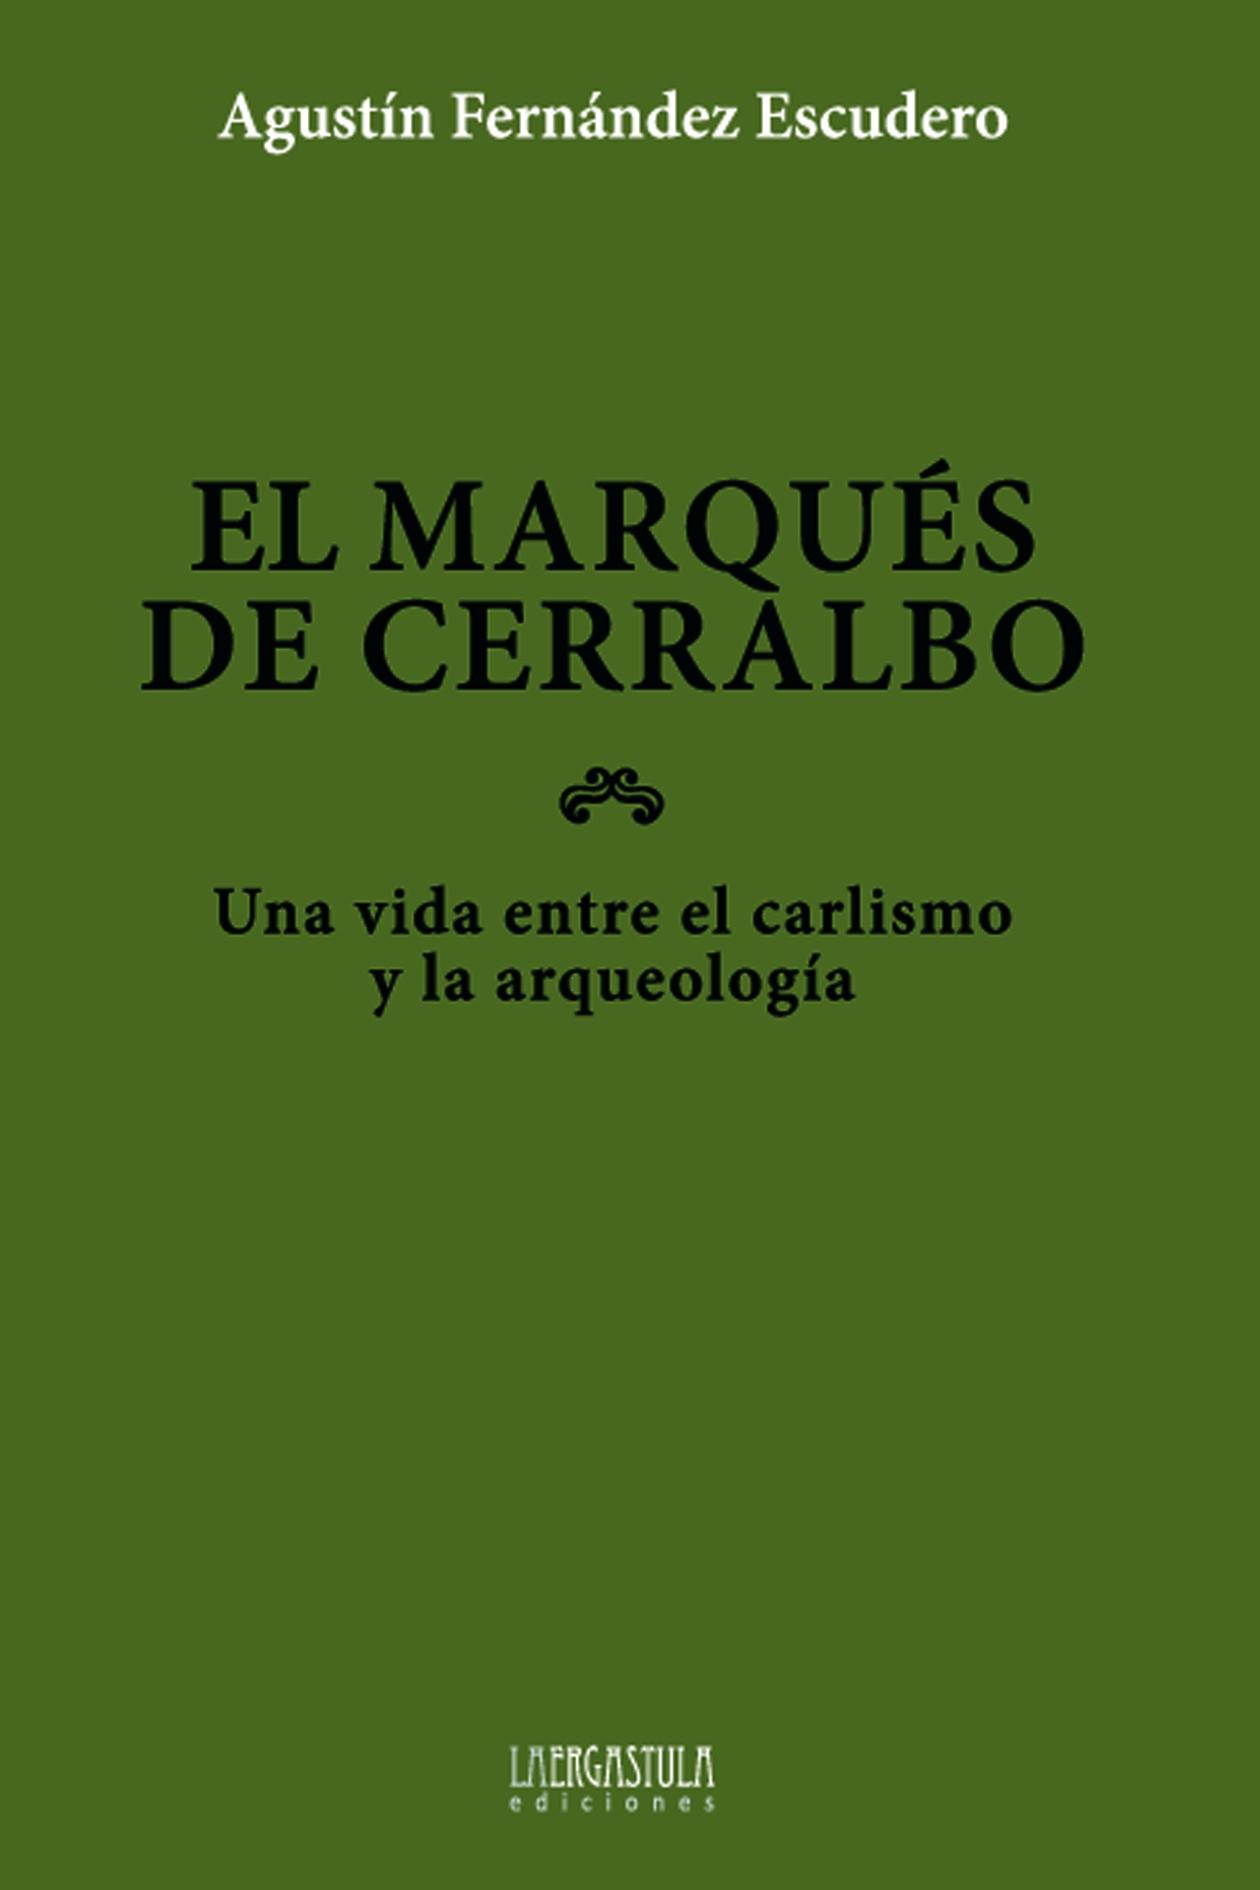 El marqués de Cerralbo. Una vida entre el carlismo y la arqueología